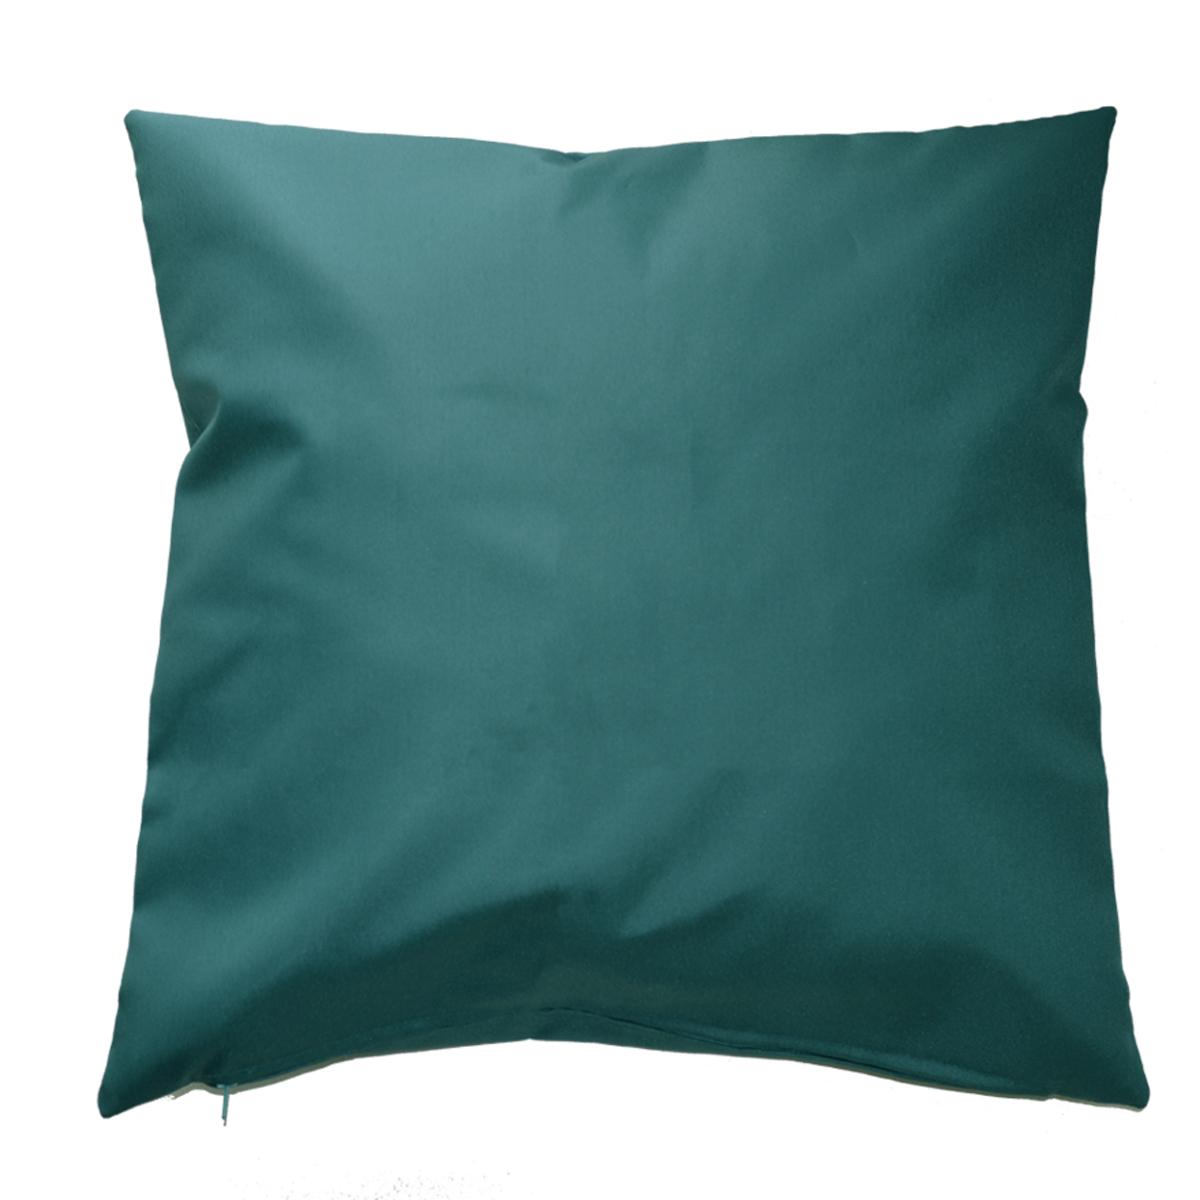 Housse de coussin d'extérieur en tissu outdoor - Bleu Paon - 60 x 60 cm